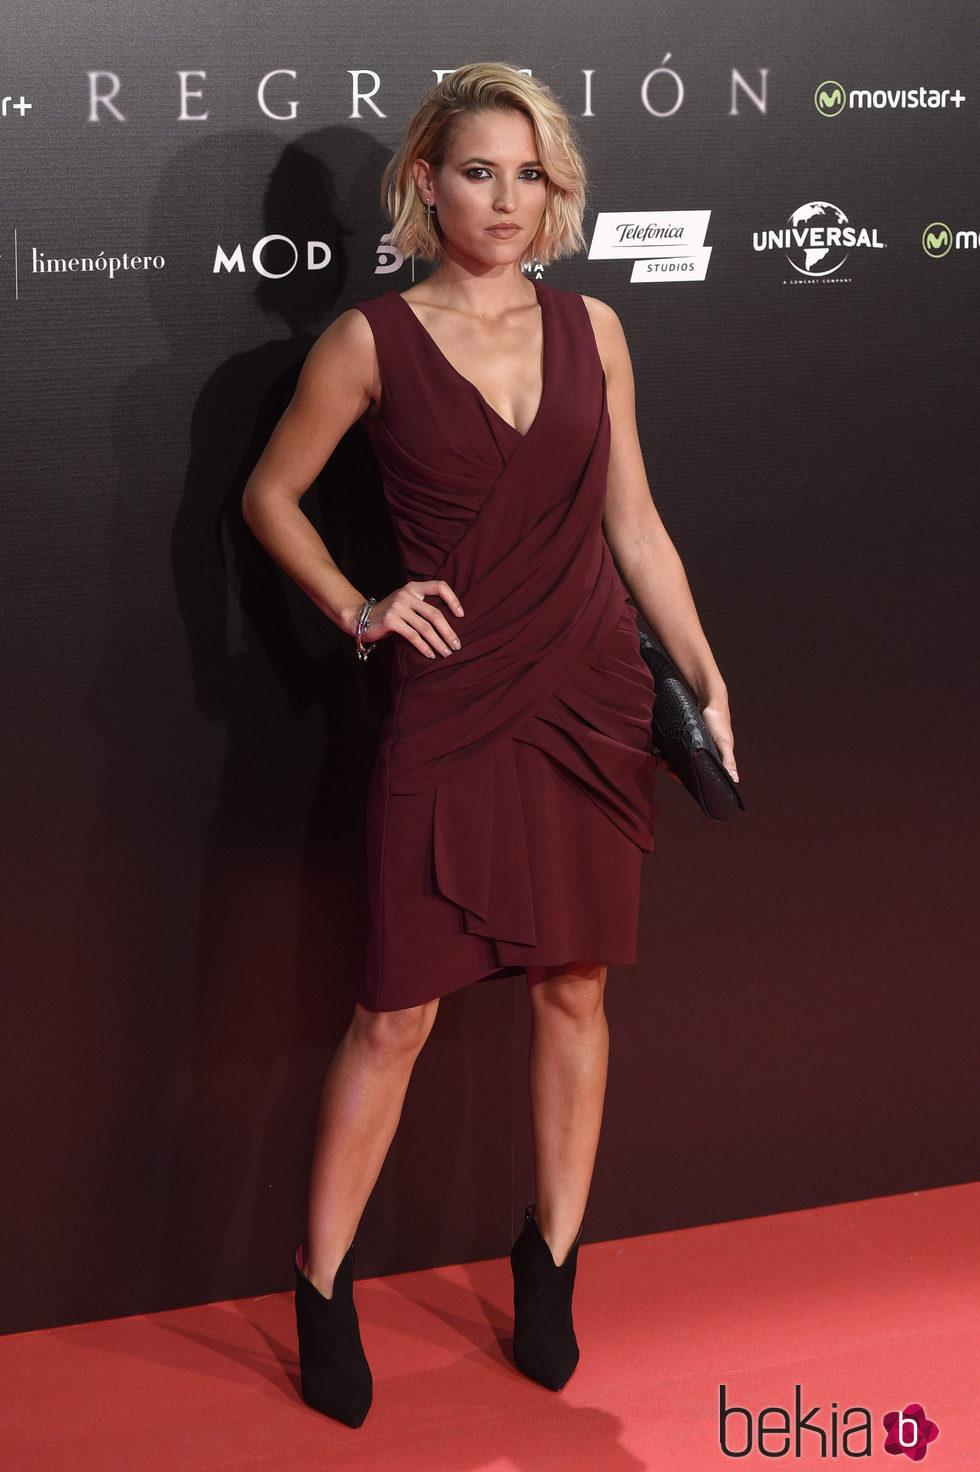 Ana Fernández en el estreno de 'Regresión'